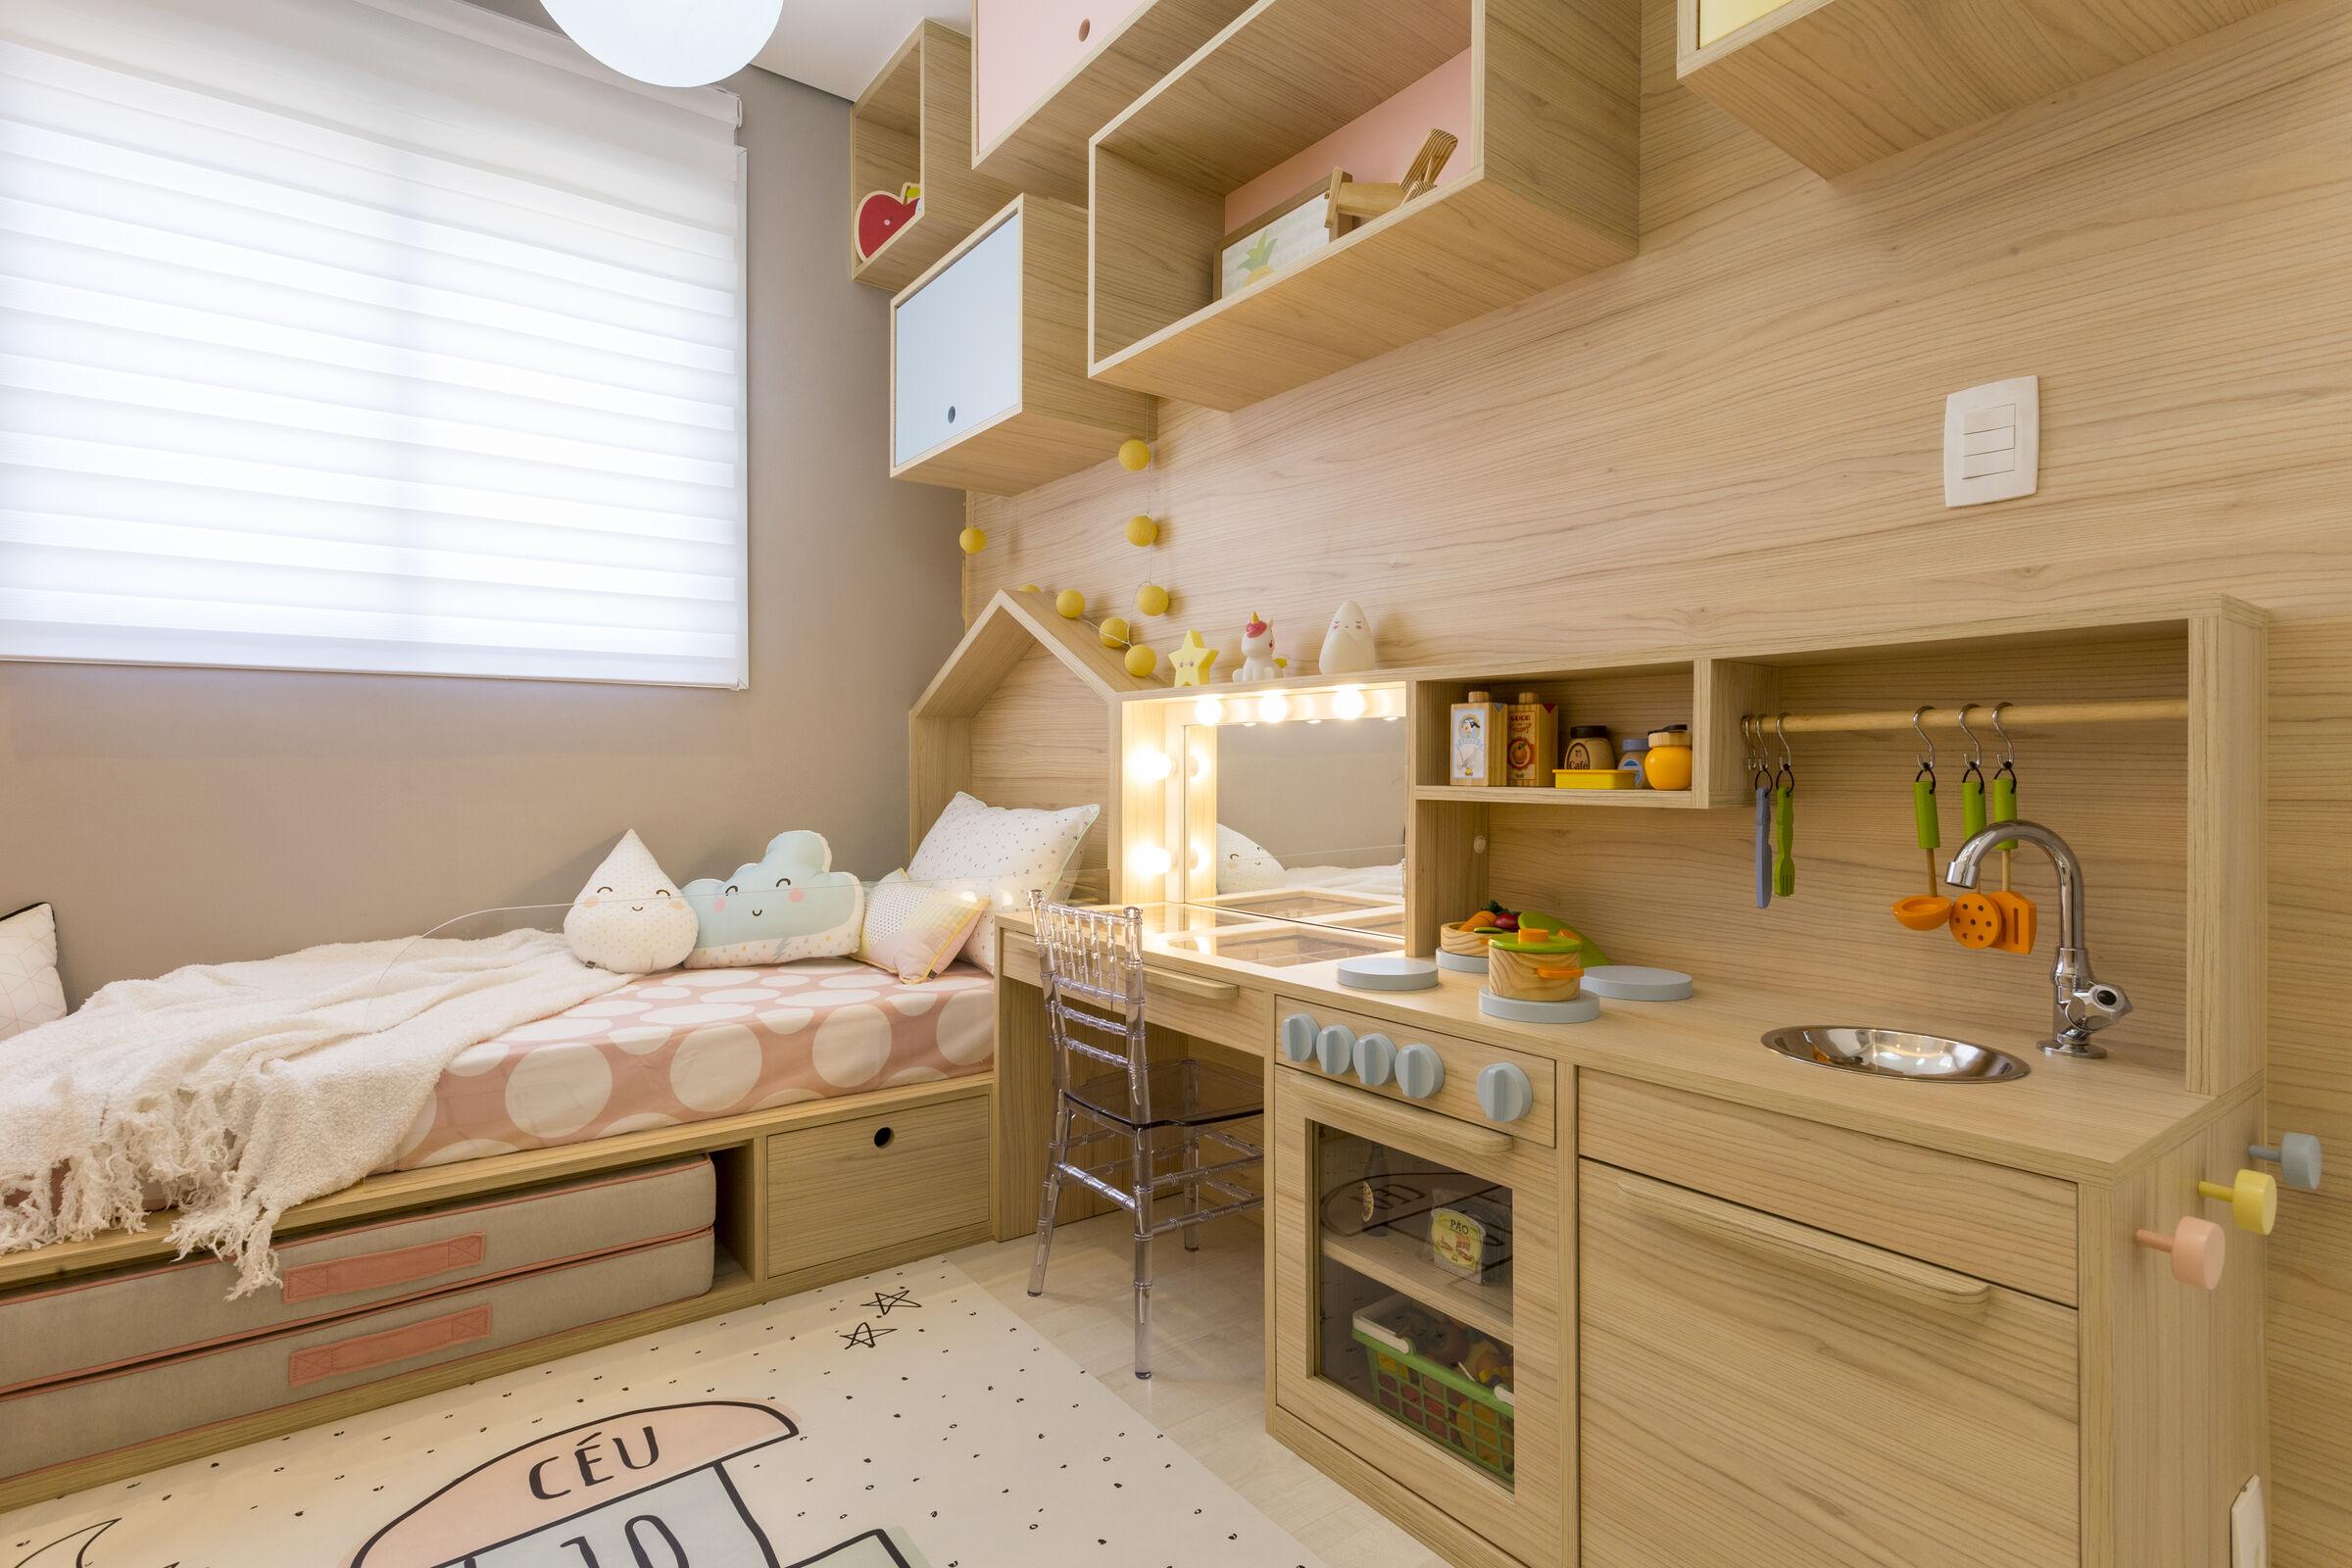 Penteadeira-e-cozinha-infantil-do-quarto-da-criança